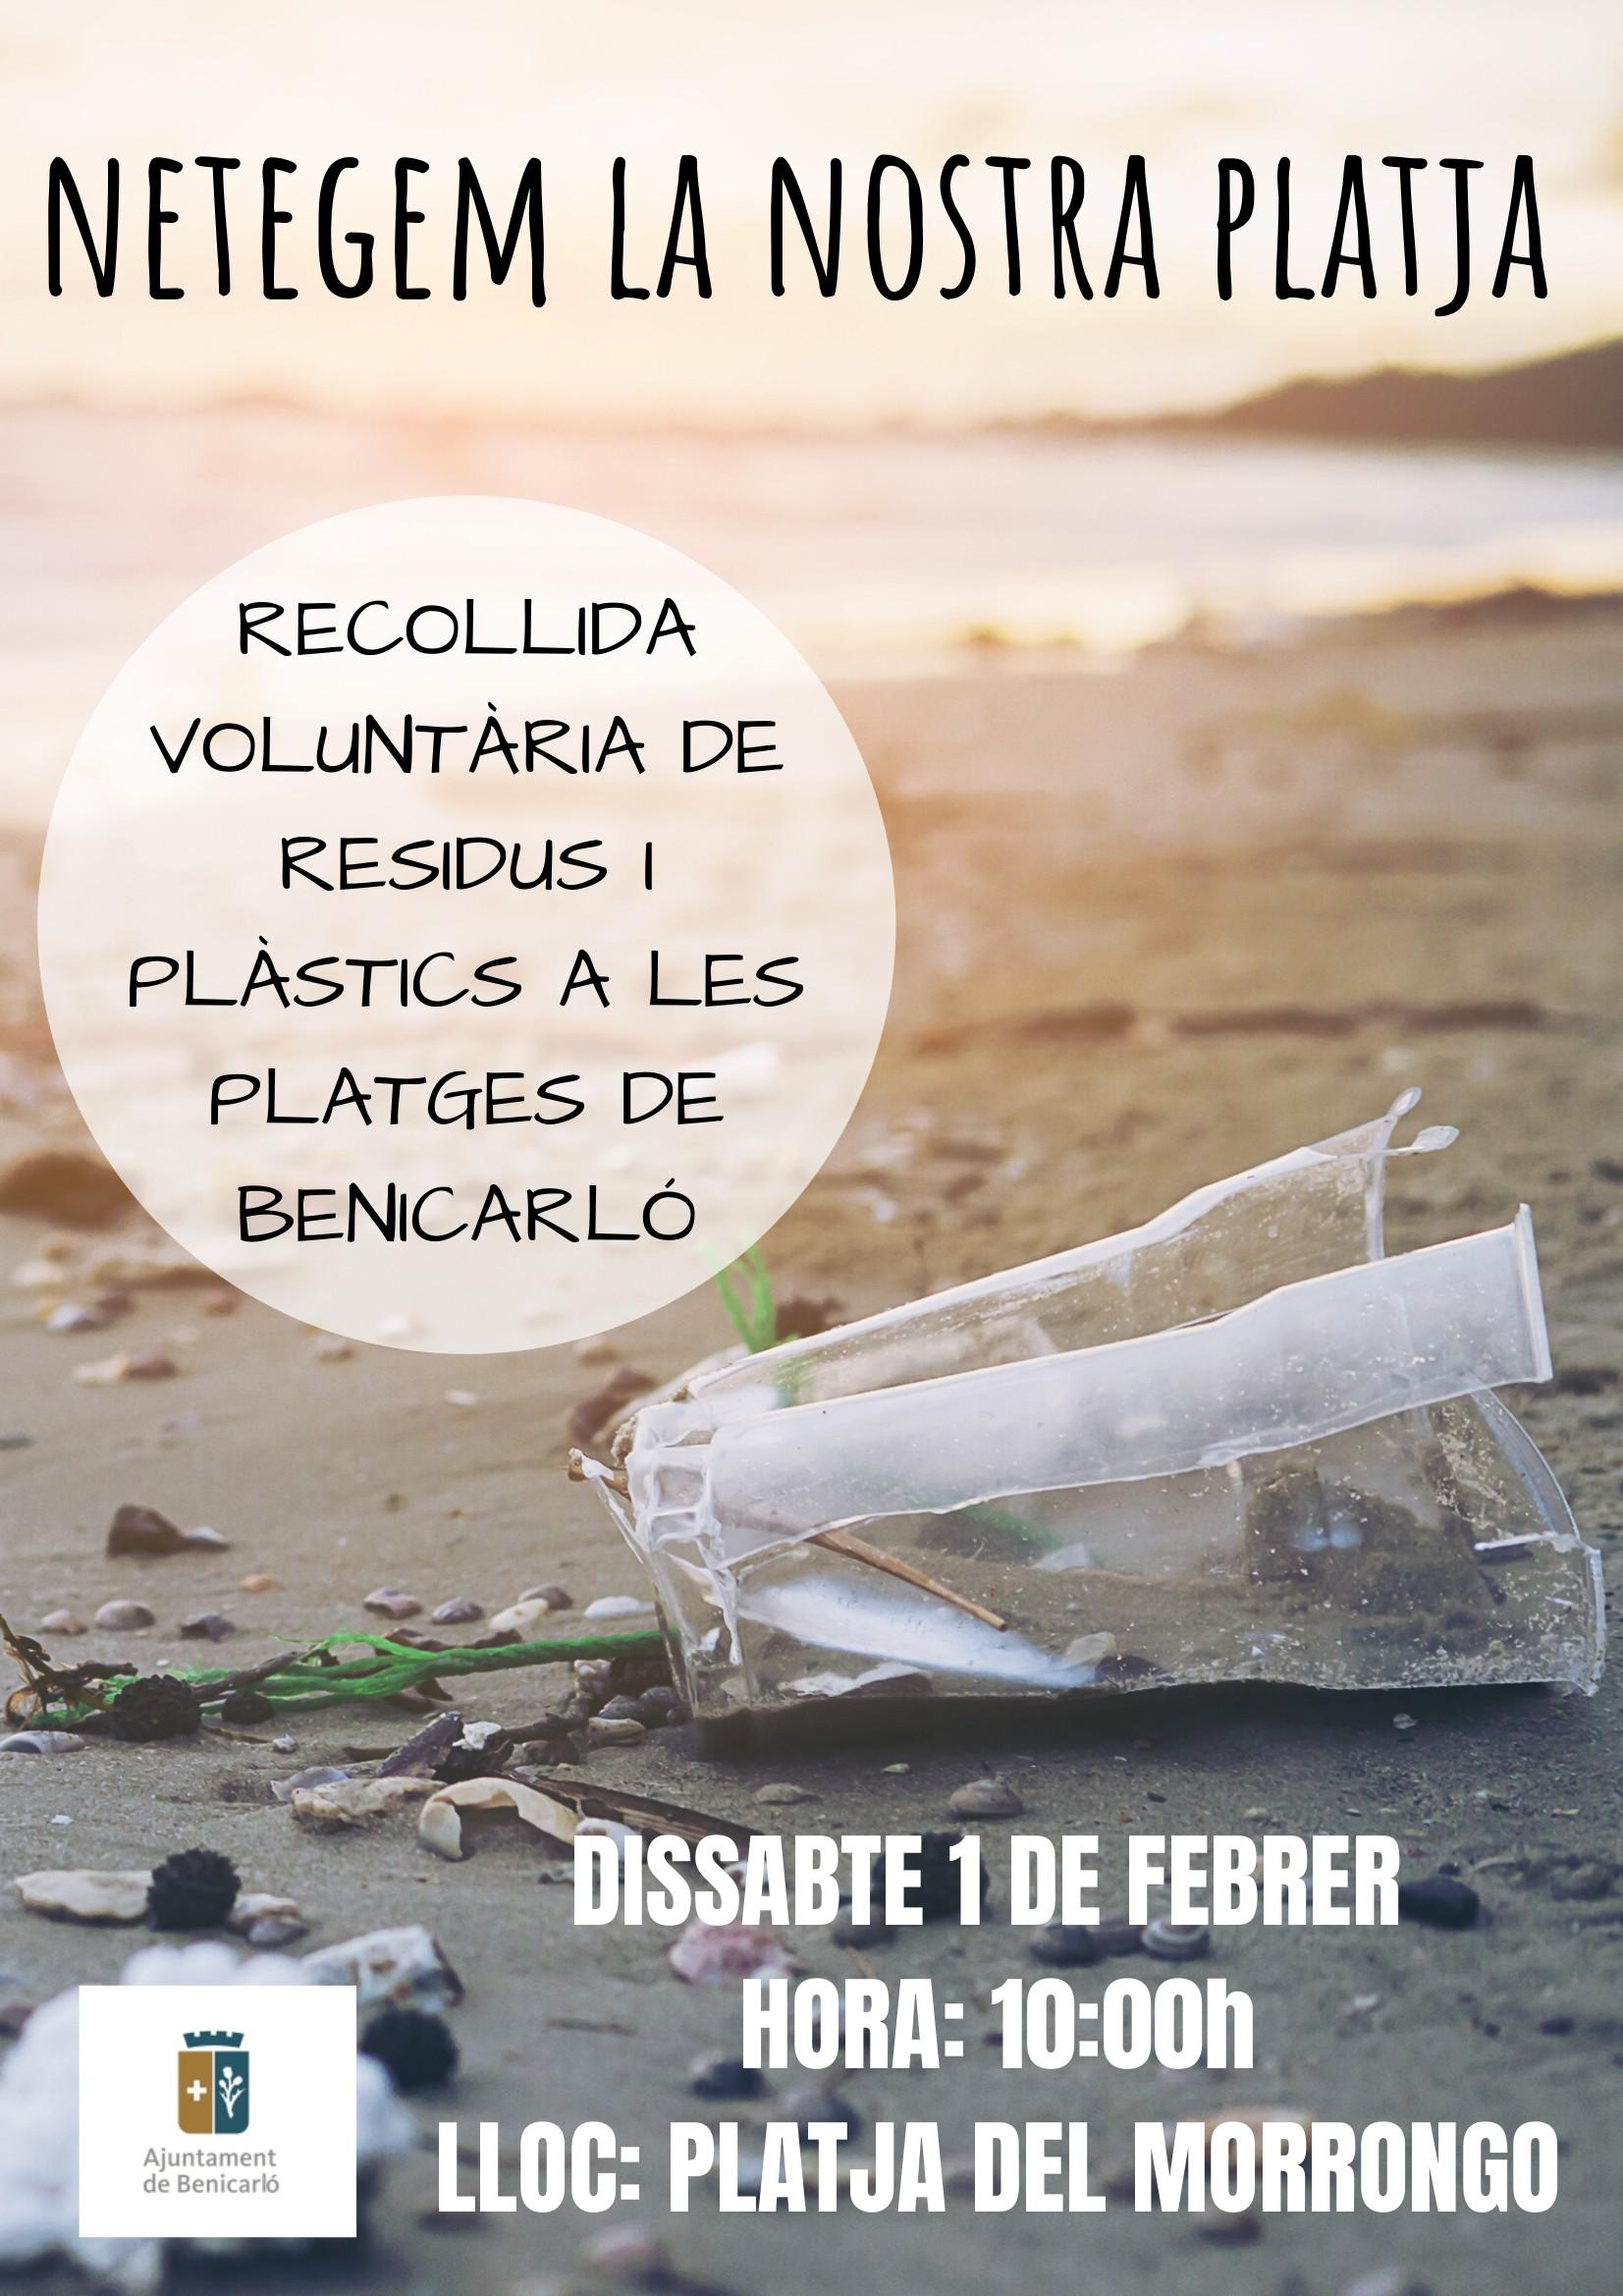 Dissabte, recollida voluntària de residus i plàstics a les platges de Benicarló